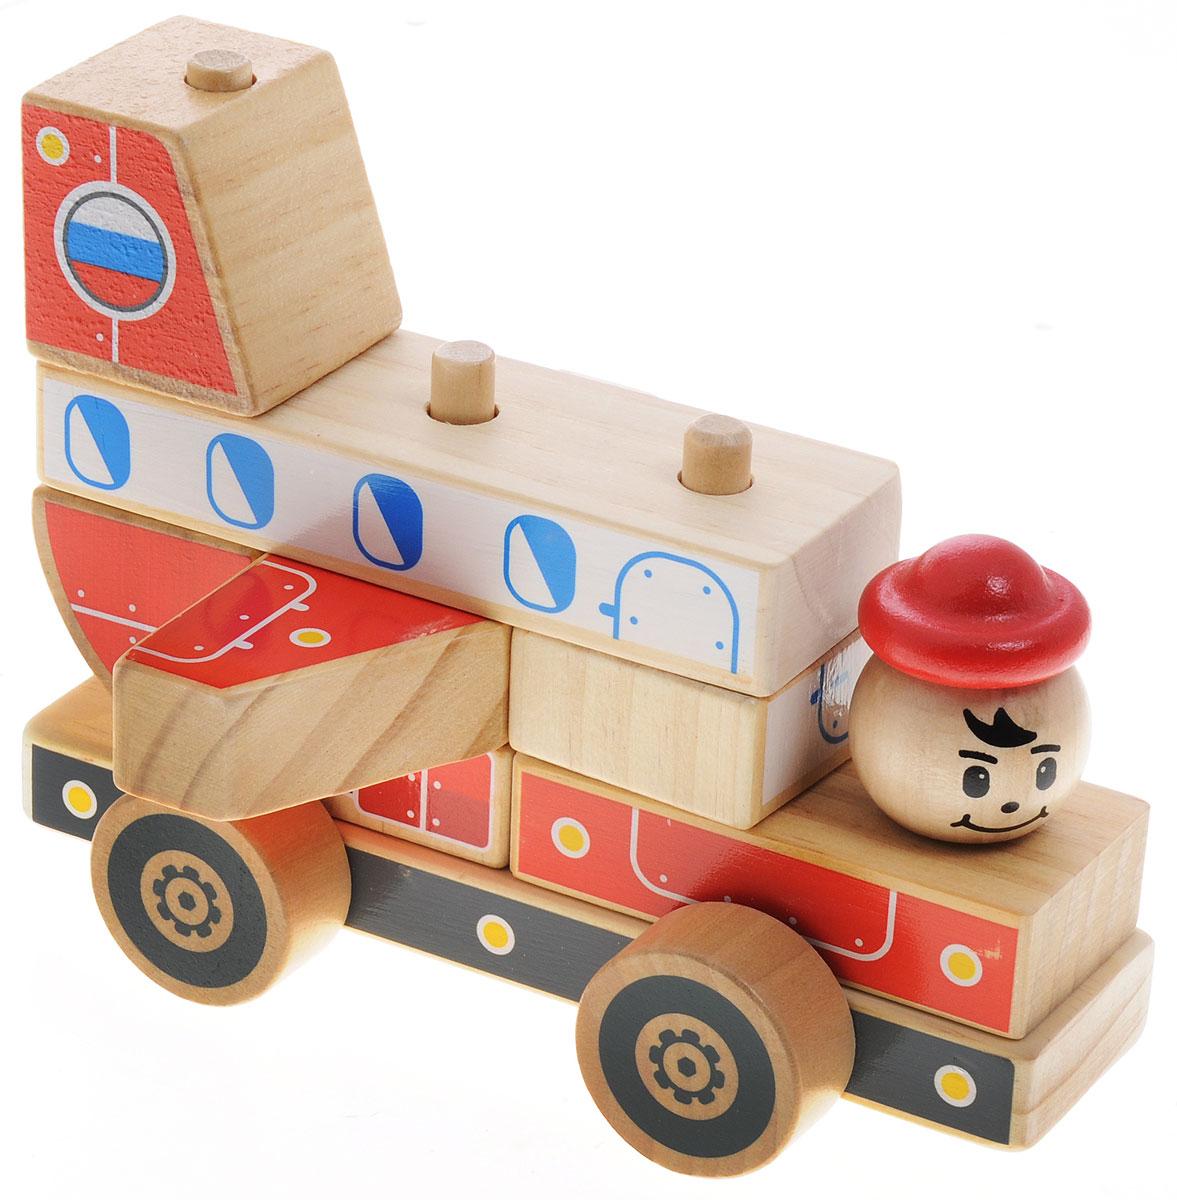 Мир деревянных игрушек Конструктор Самолет, Конструкторы  - купить со скидкой